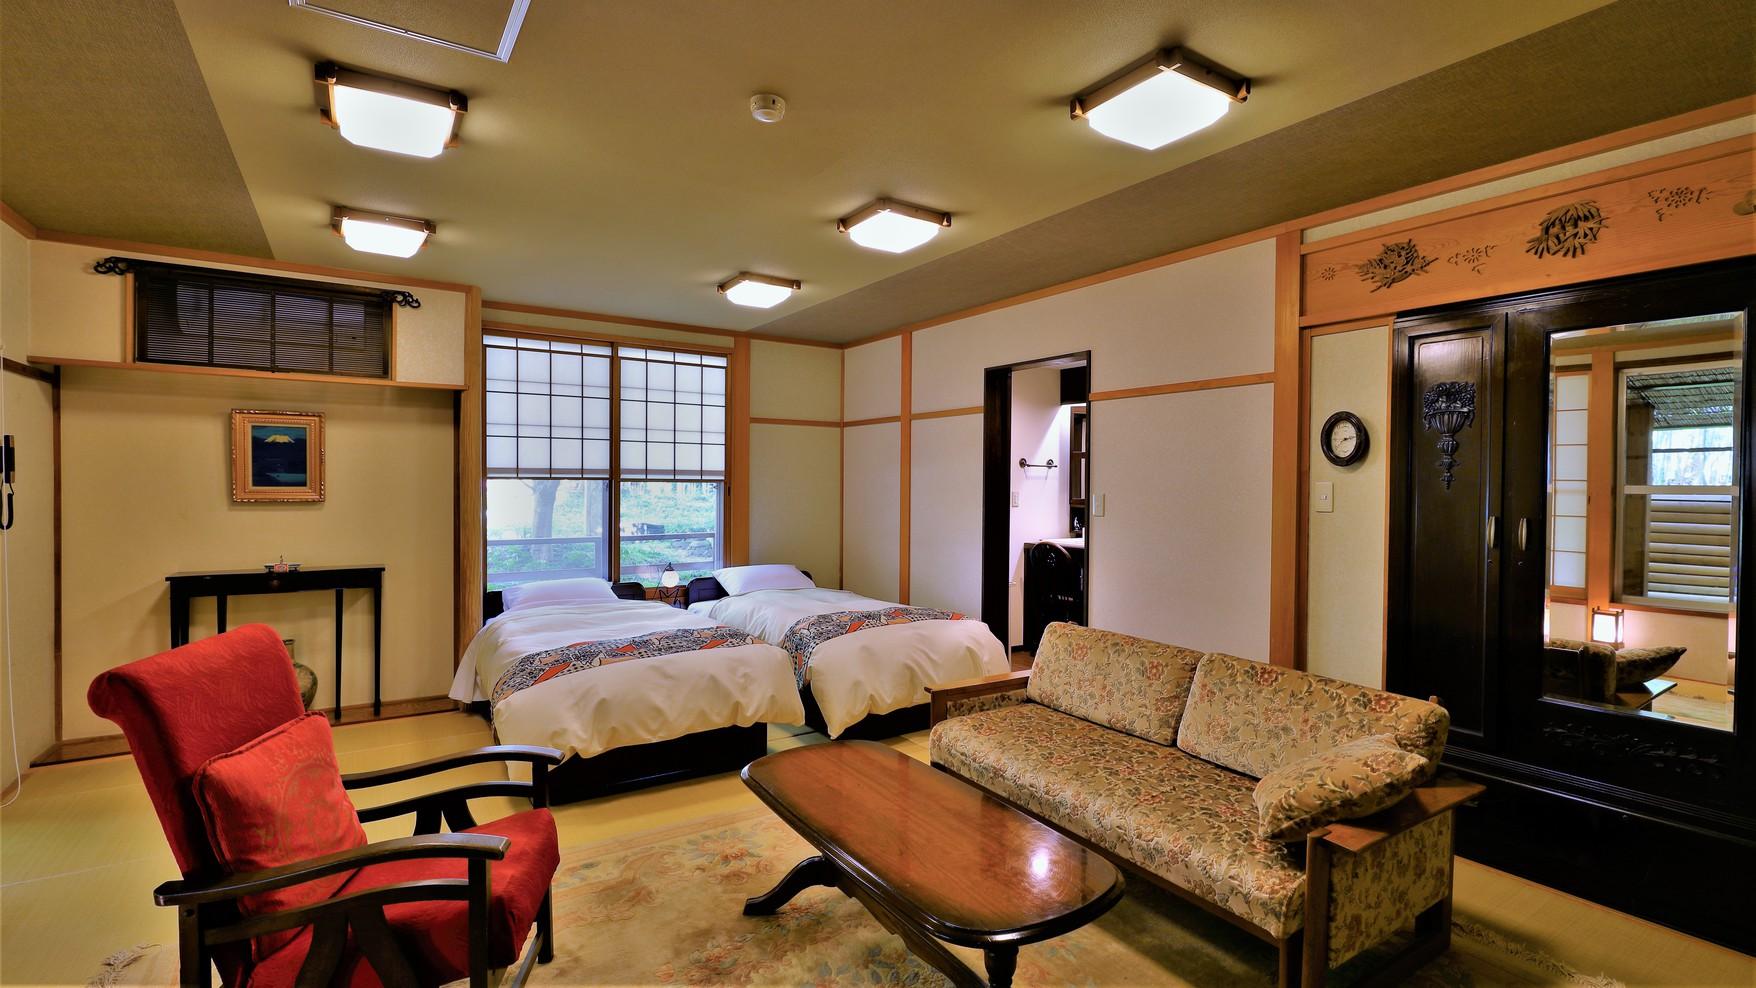 La room livingbedroom